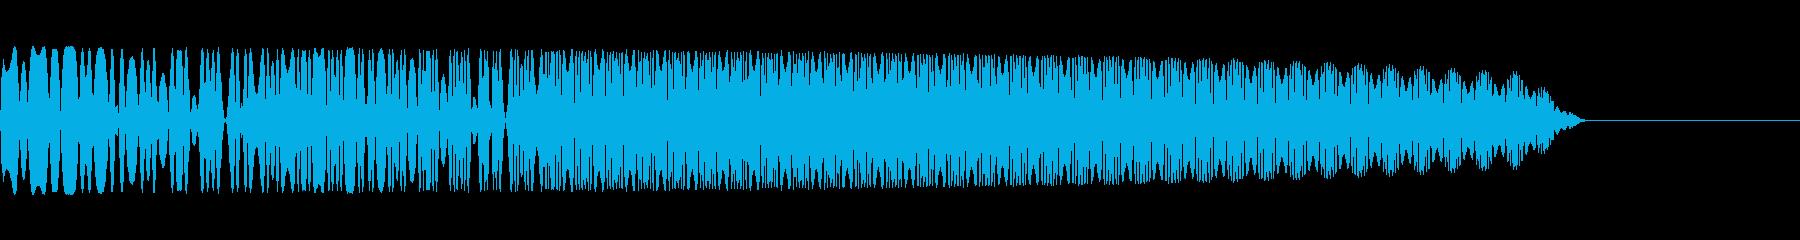 ピロロー(超音波/SNES/レトロの再生済みの波形